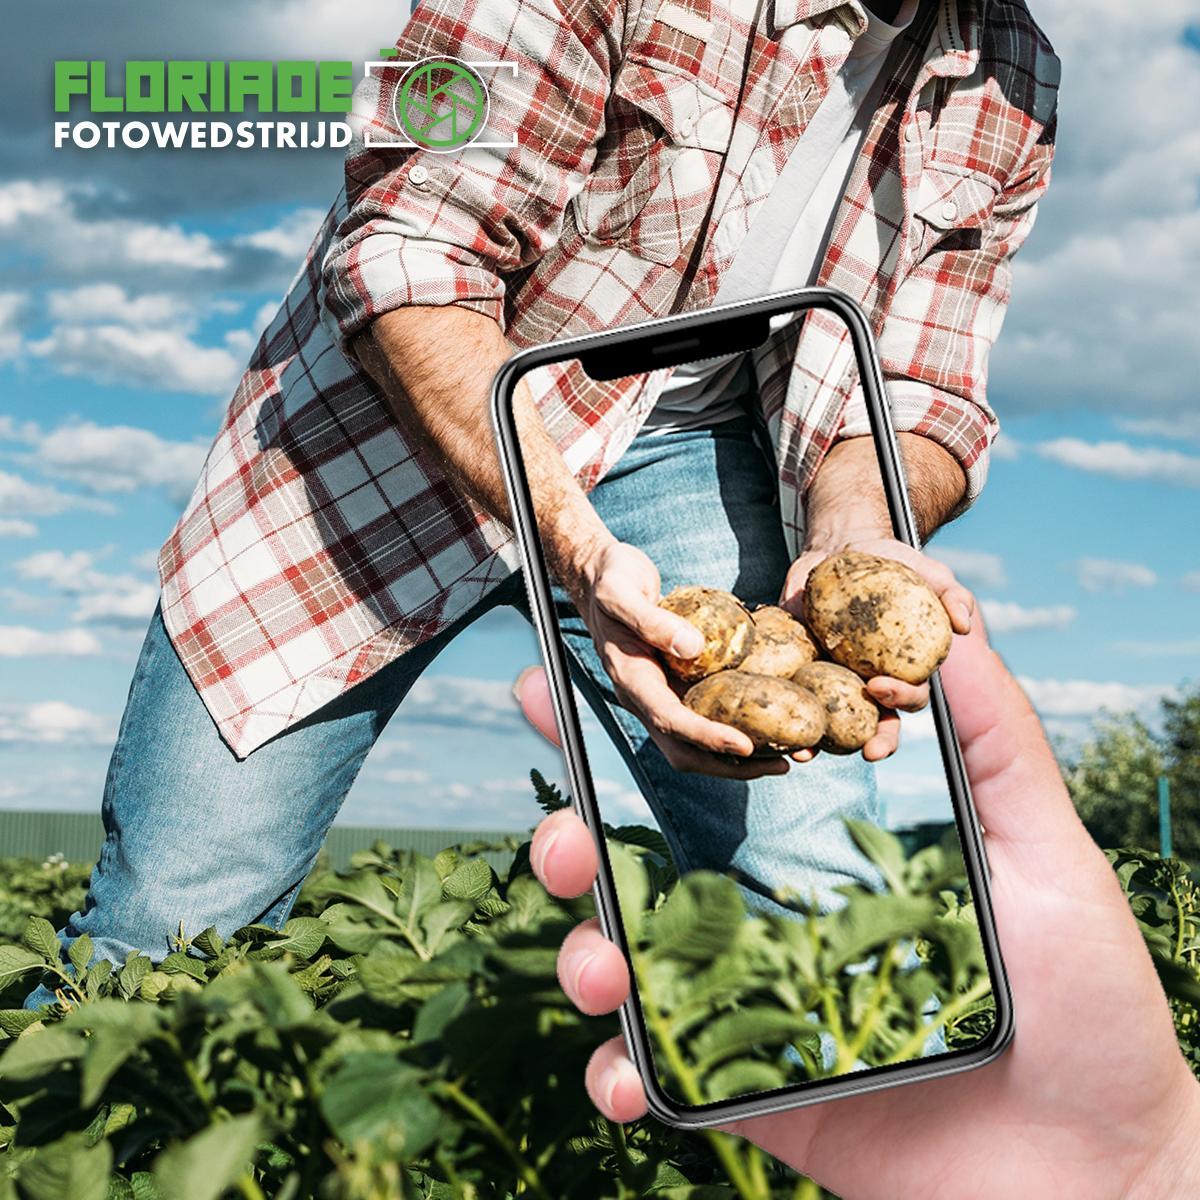 test Twitter Media - Inmiddels 150 deelnemers. Mooie groene foto's, maar Floriade is meer!  Voeding, energie en gezondheid. Dus maak foto's van knakwortels, Weerwaterpapier, groene jurken en plaats ze op https://t.co/mPyPph7681 https://t.co/8QOHo5avfu